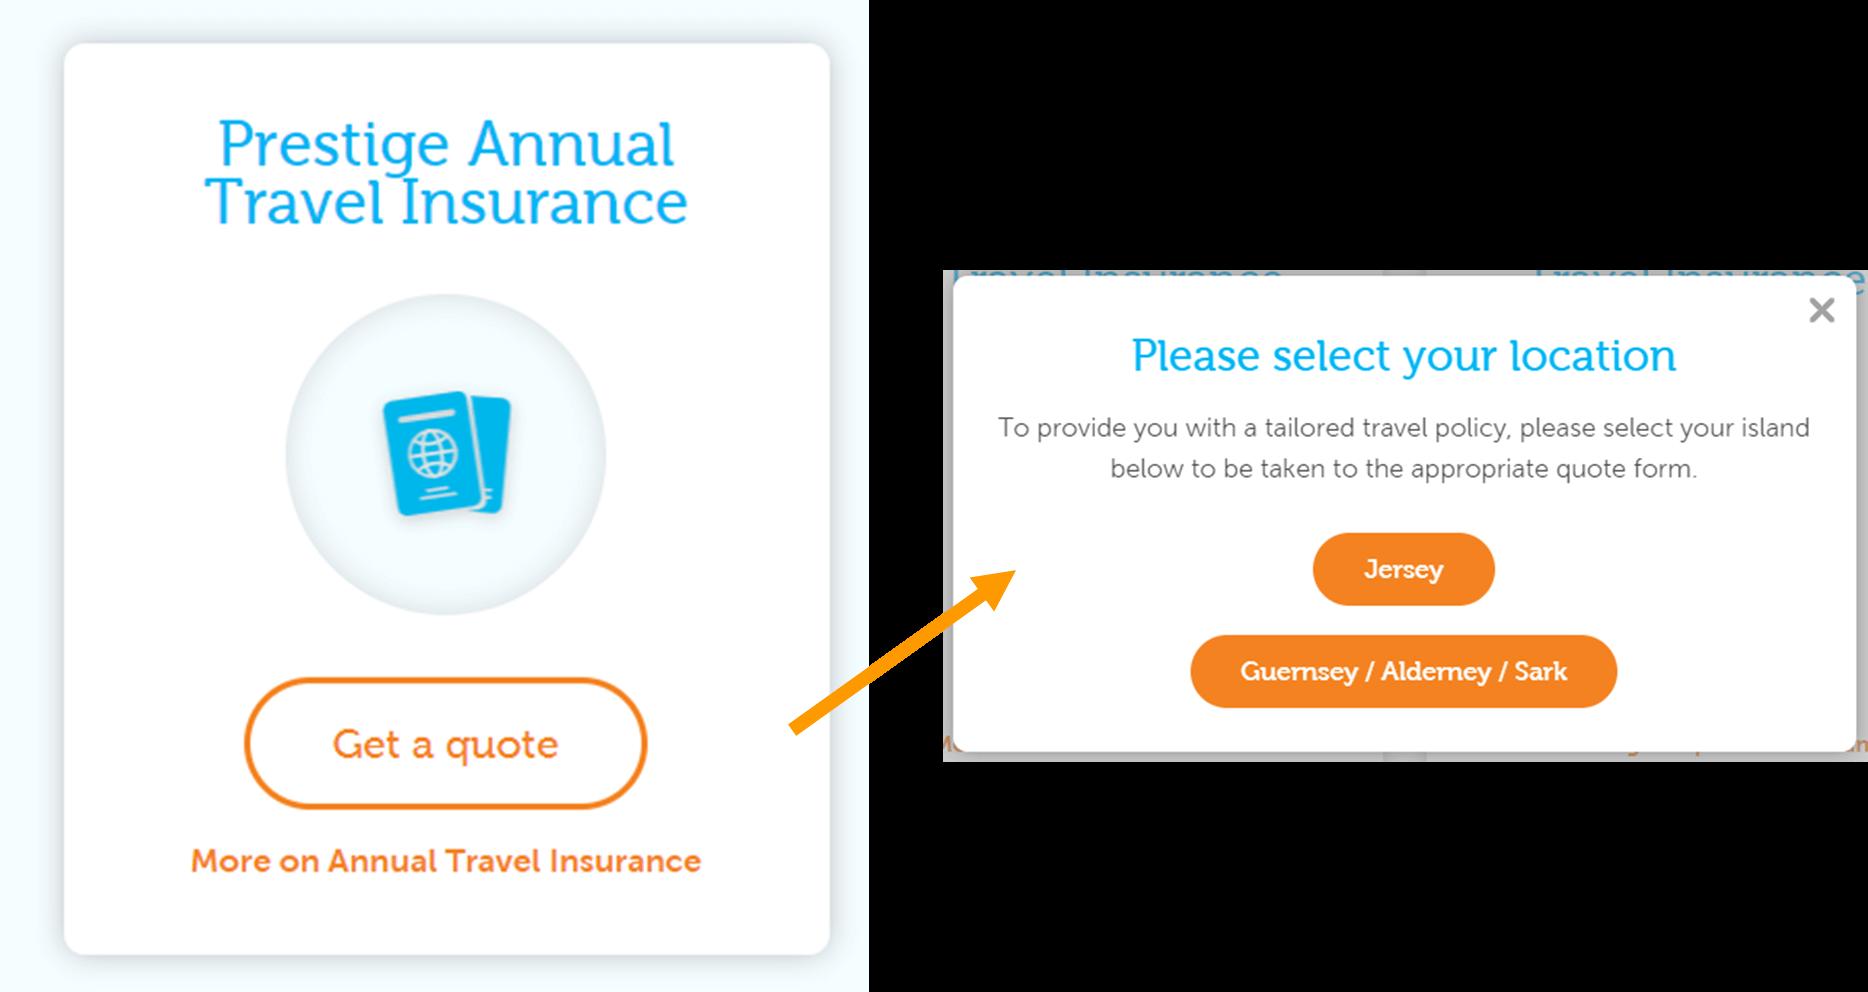 """Tính năng """"Get a quote"""" cho bảo hiểm du lịch dựa trên vị trí, nguồn: www.islands.insure"""